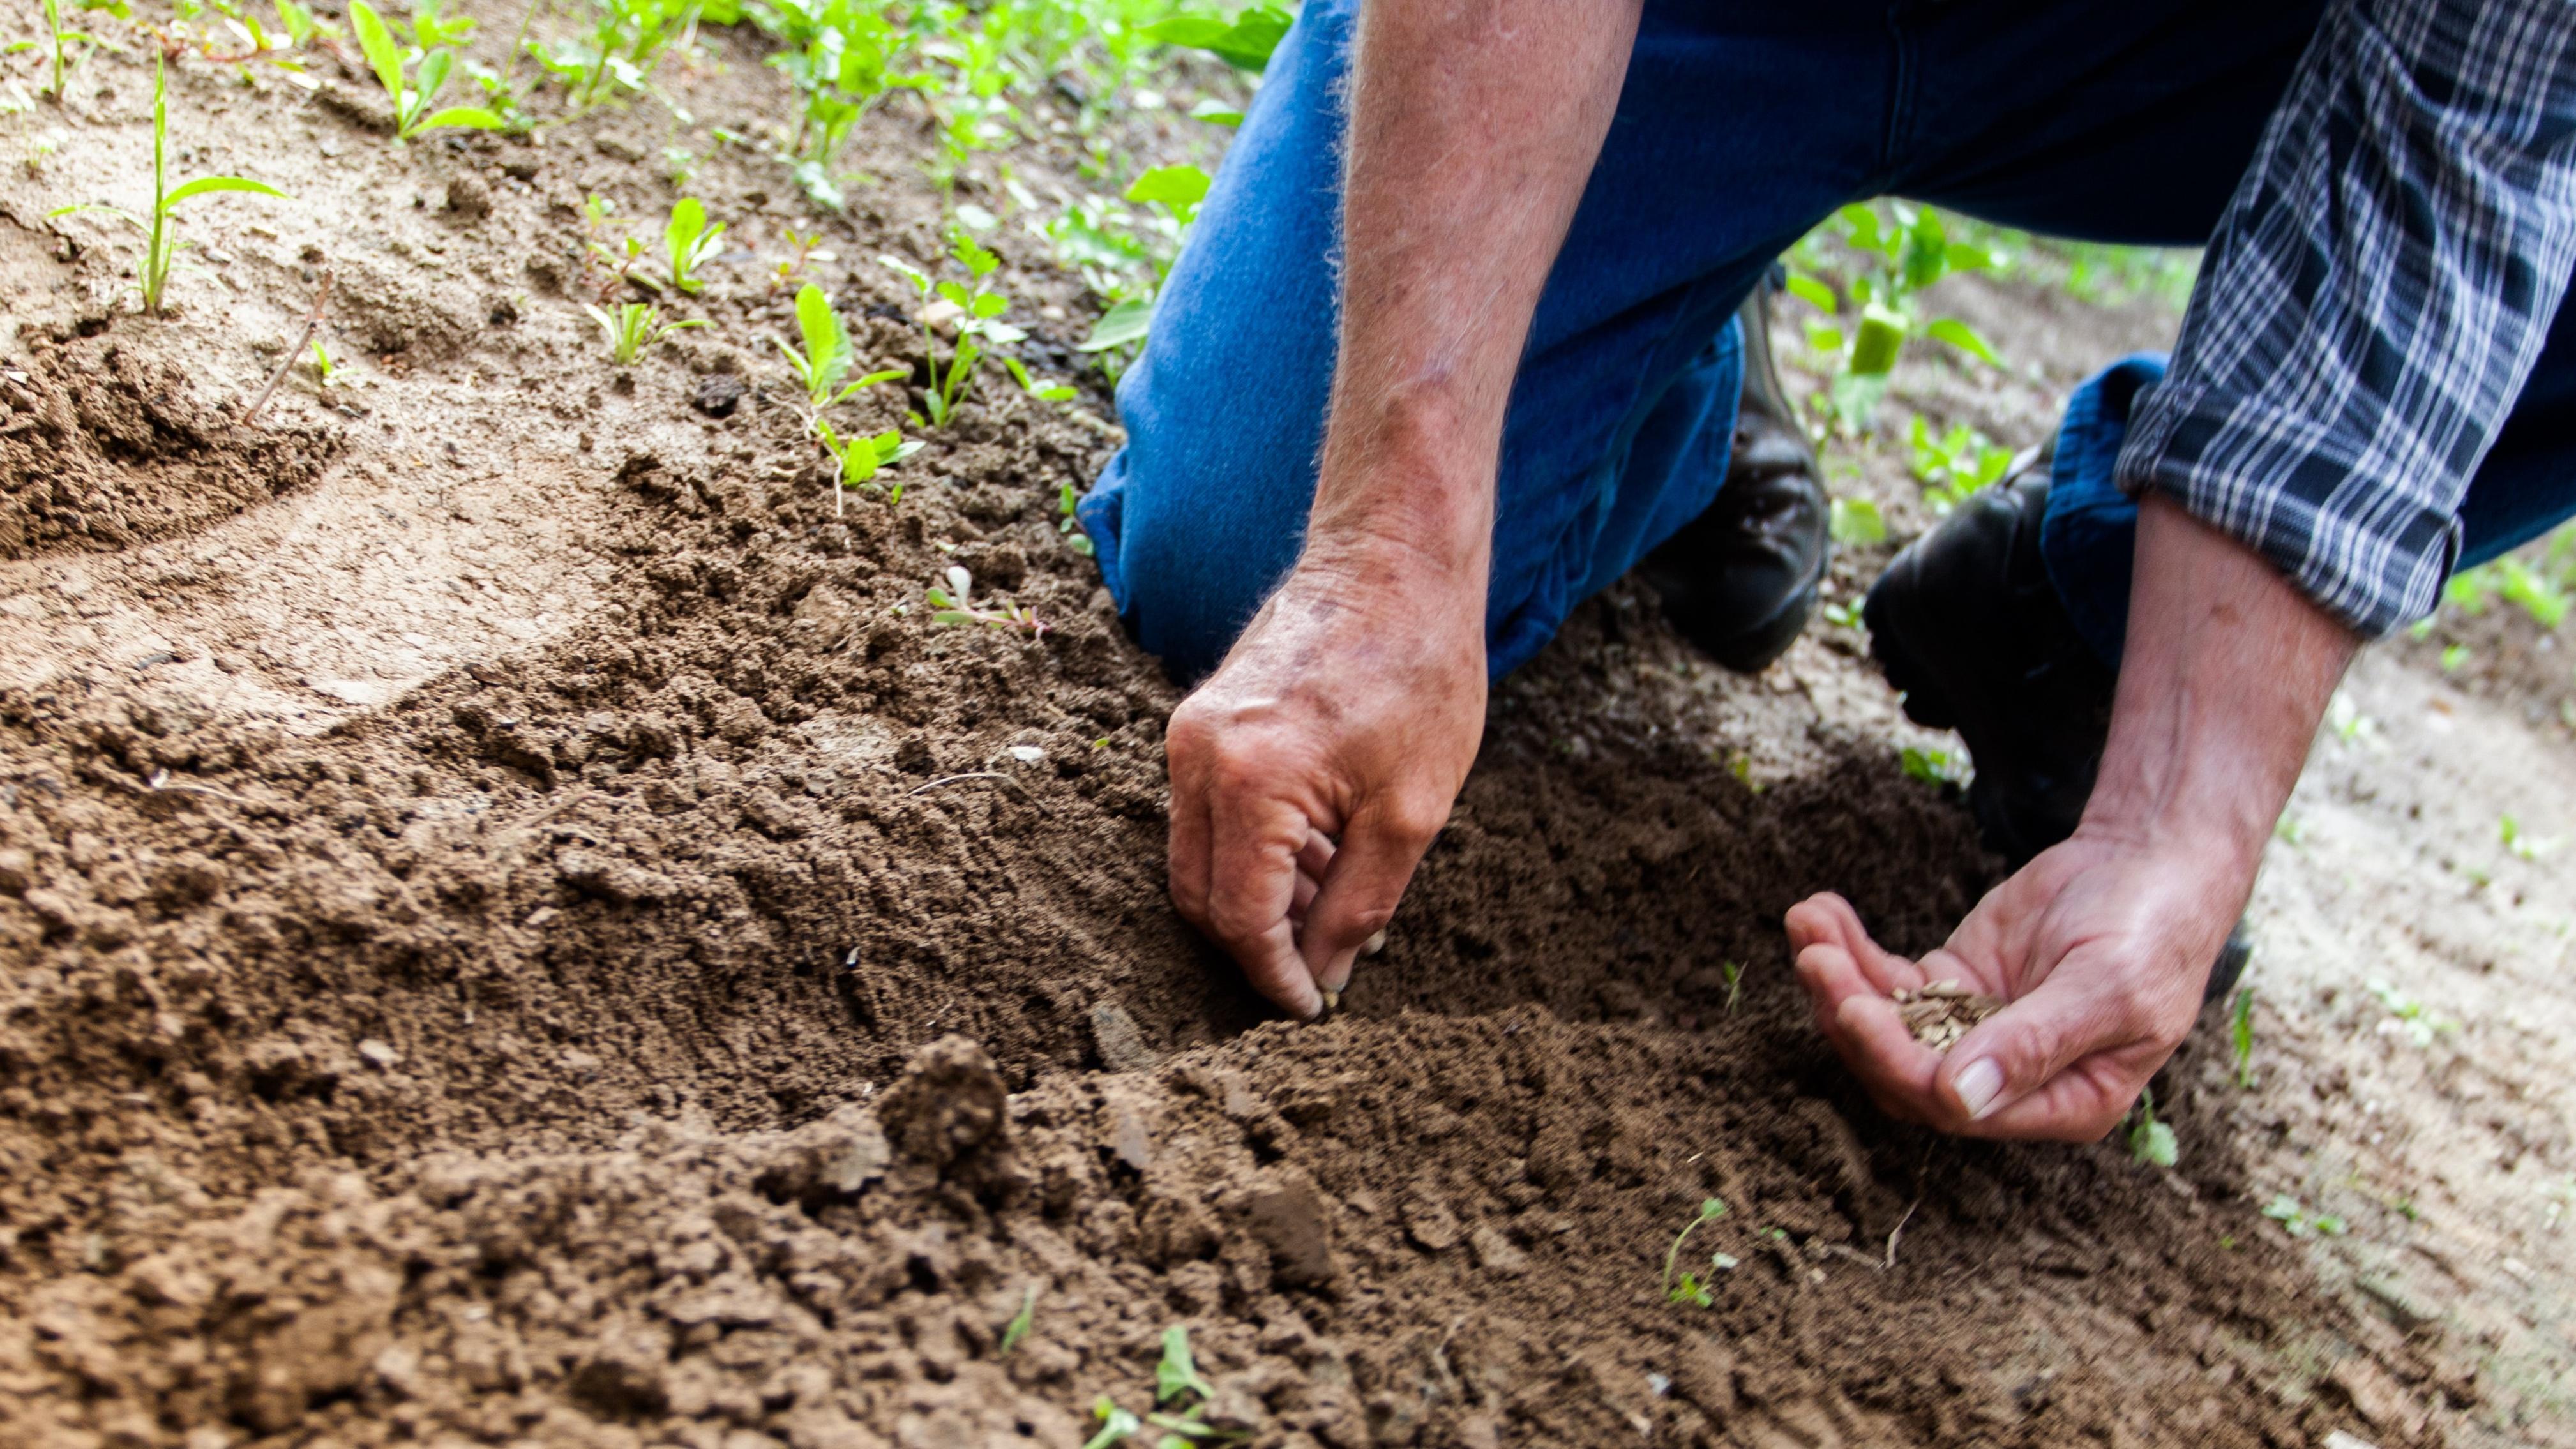 Das immerblühende Beet gelingt mit der richtigen Bepflanzung.